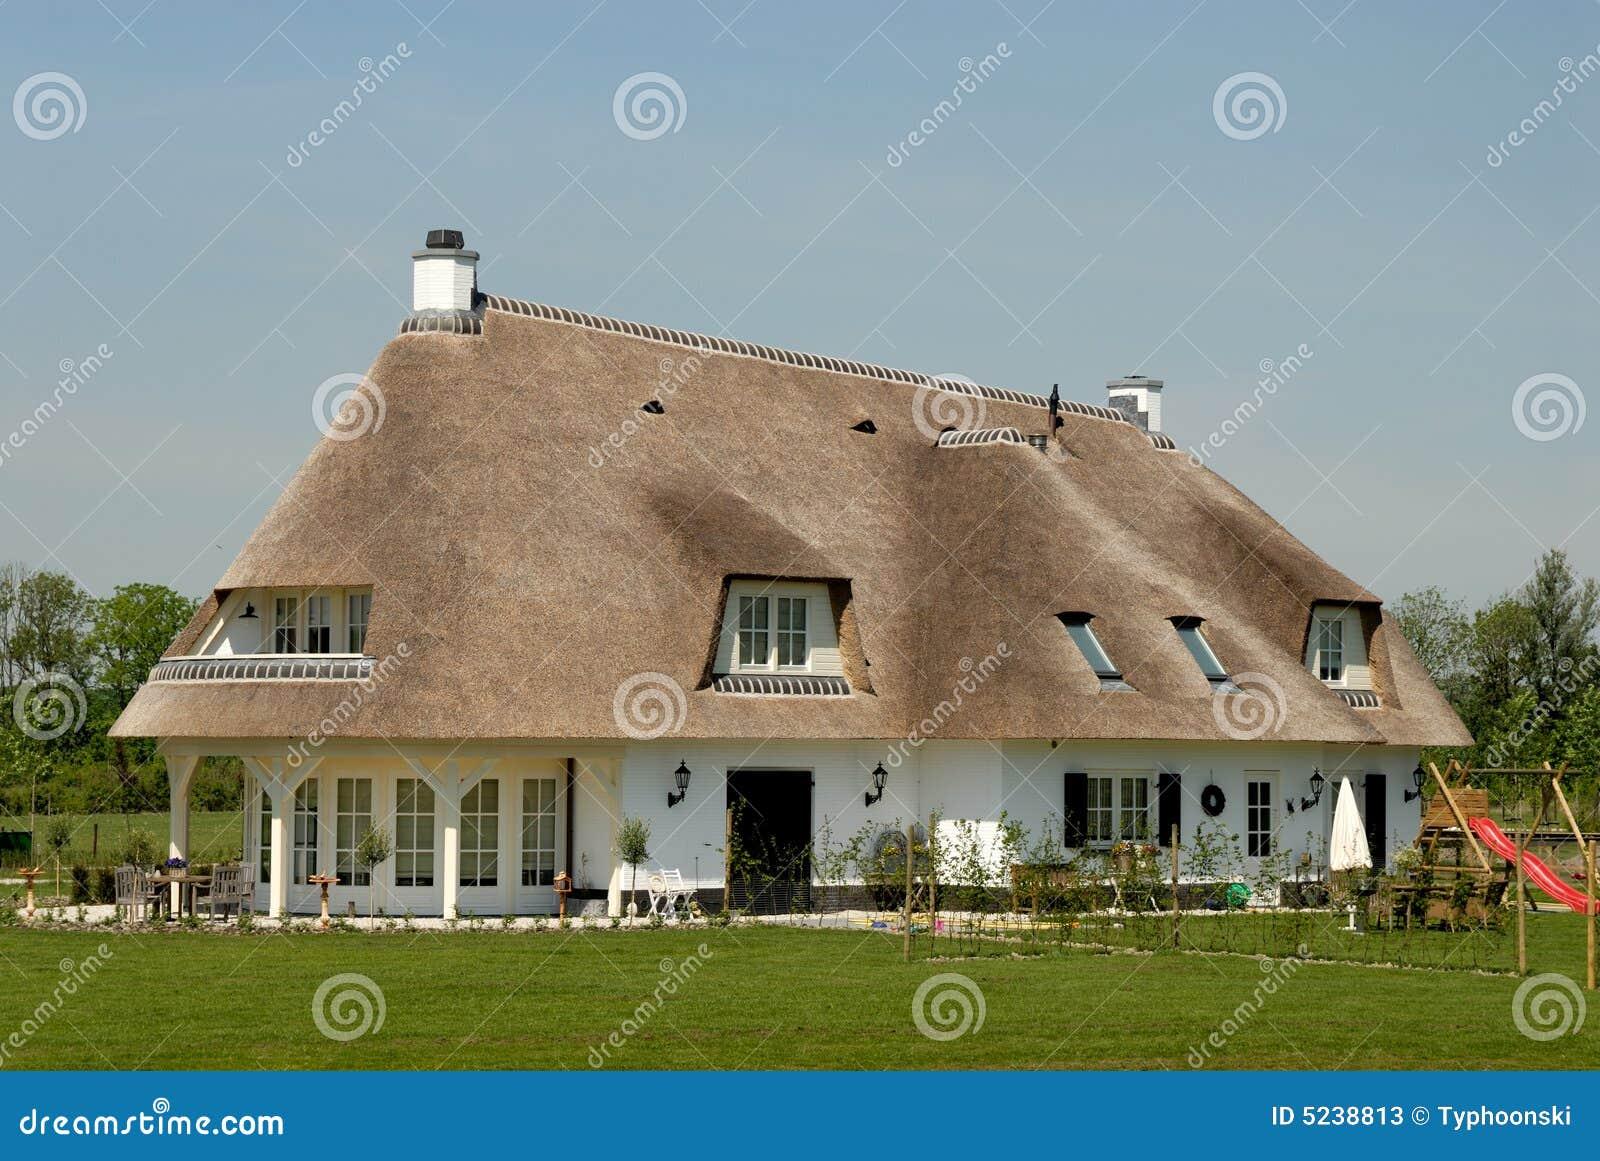 Traditionelles Häuschen in den Niederlanden